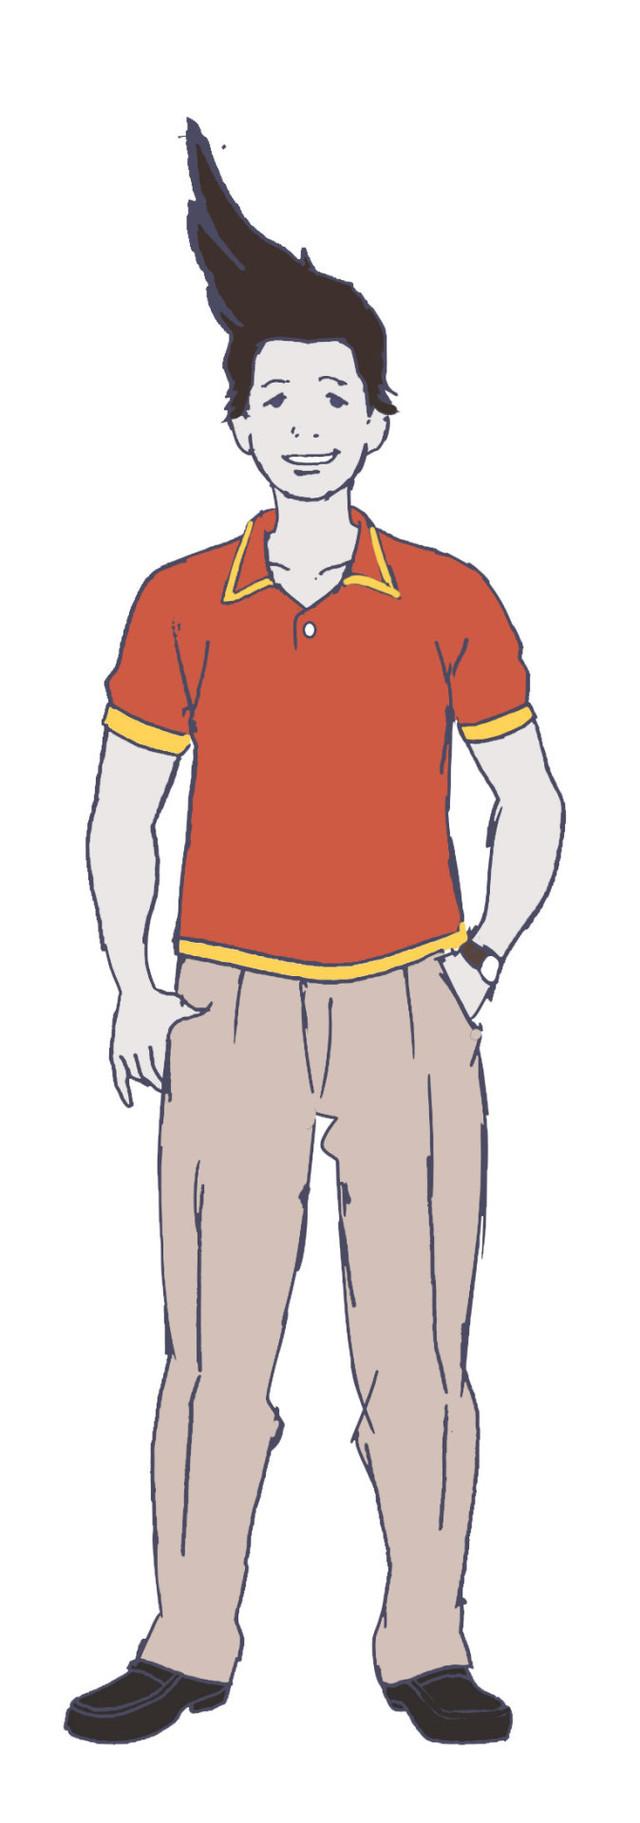 諏訪部順一演じるニセ城ヶ崎のキャラクター画像。